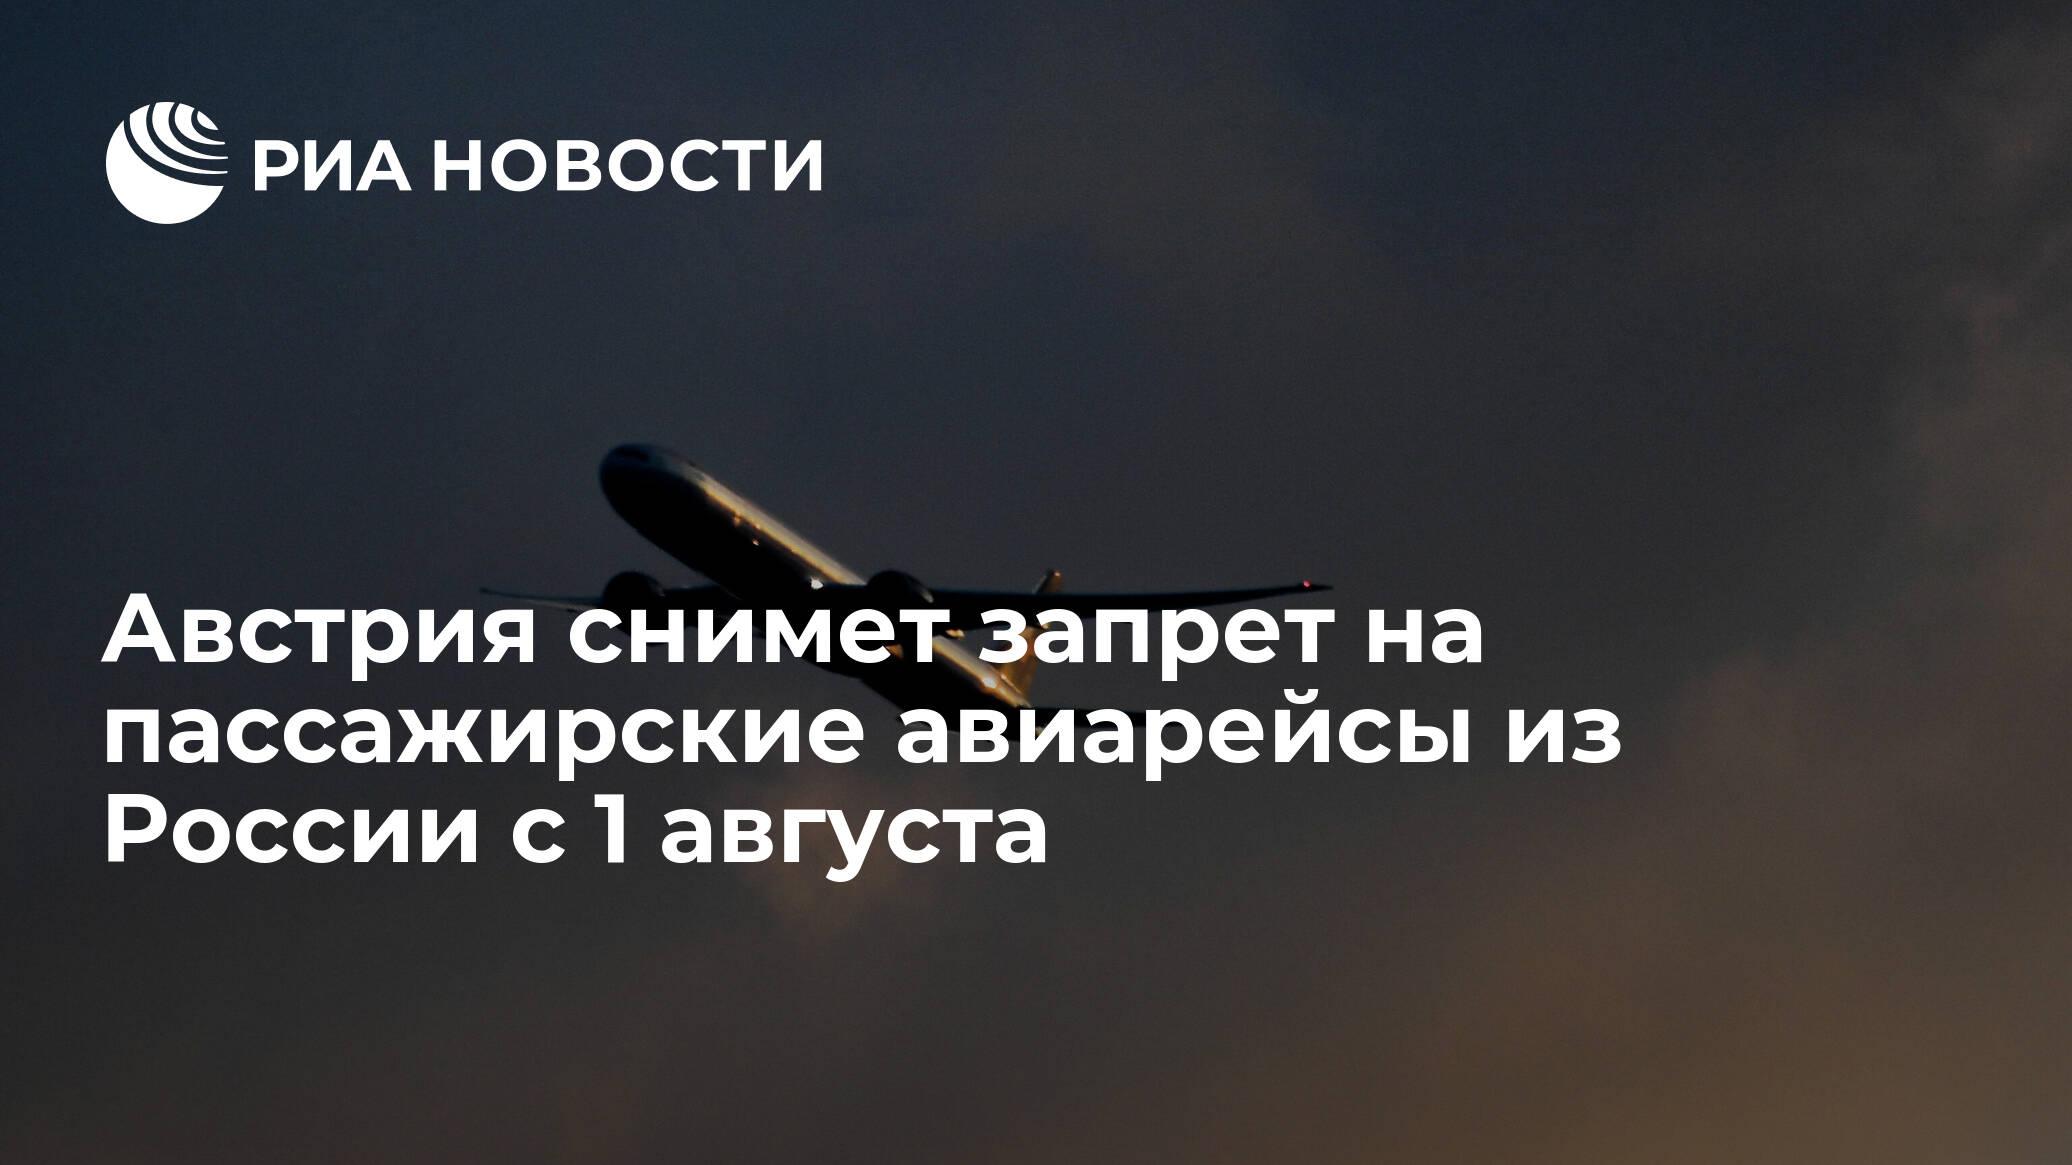 Австрия снимет запрет на пассажирские авиарейсы из России с 1 августа